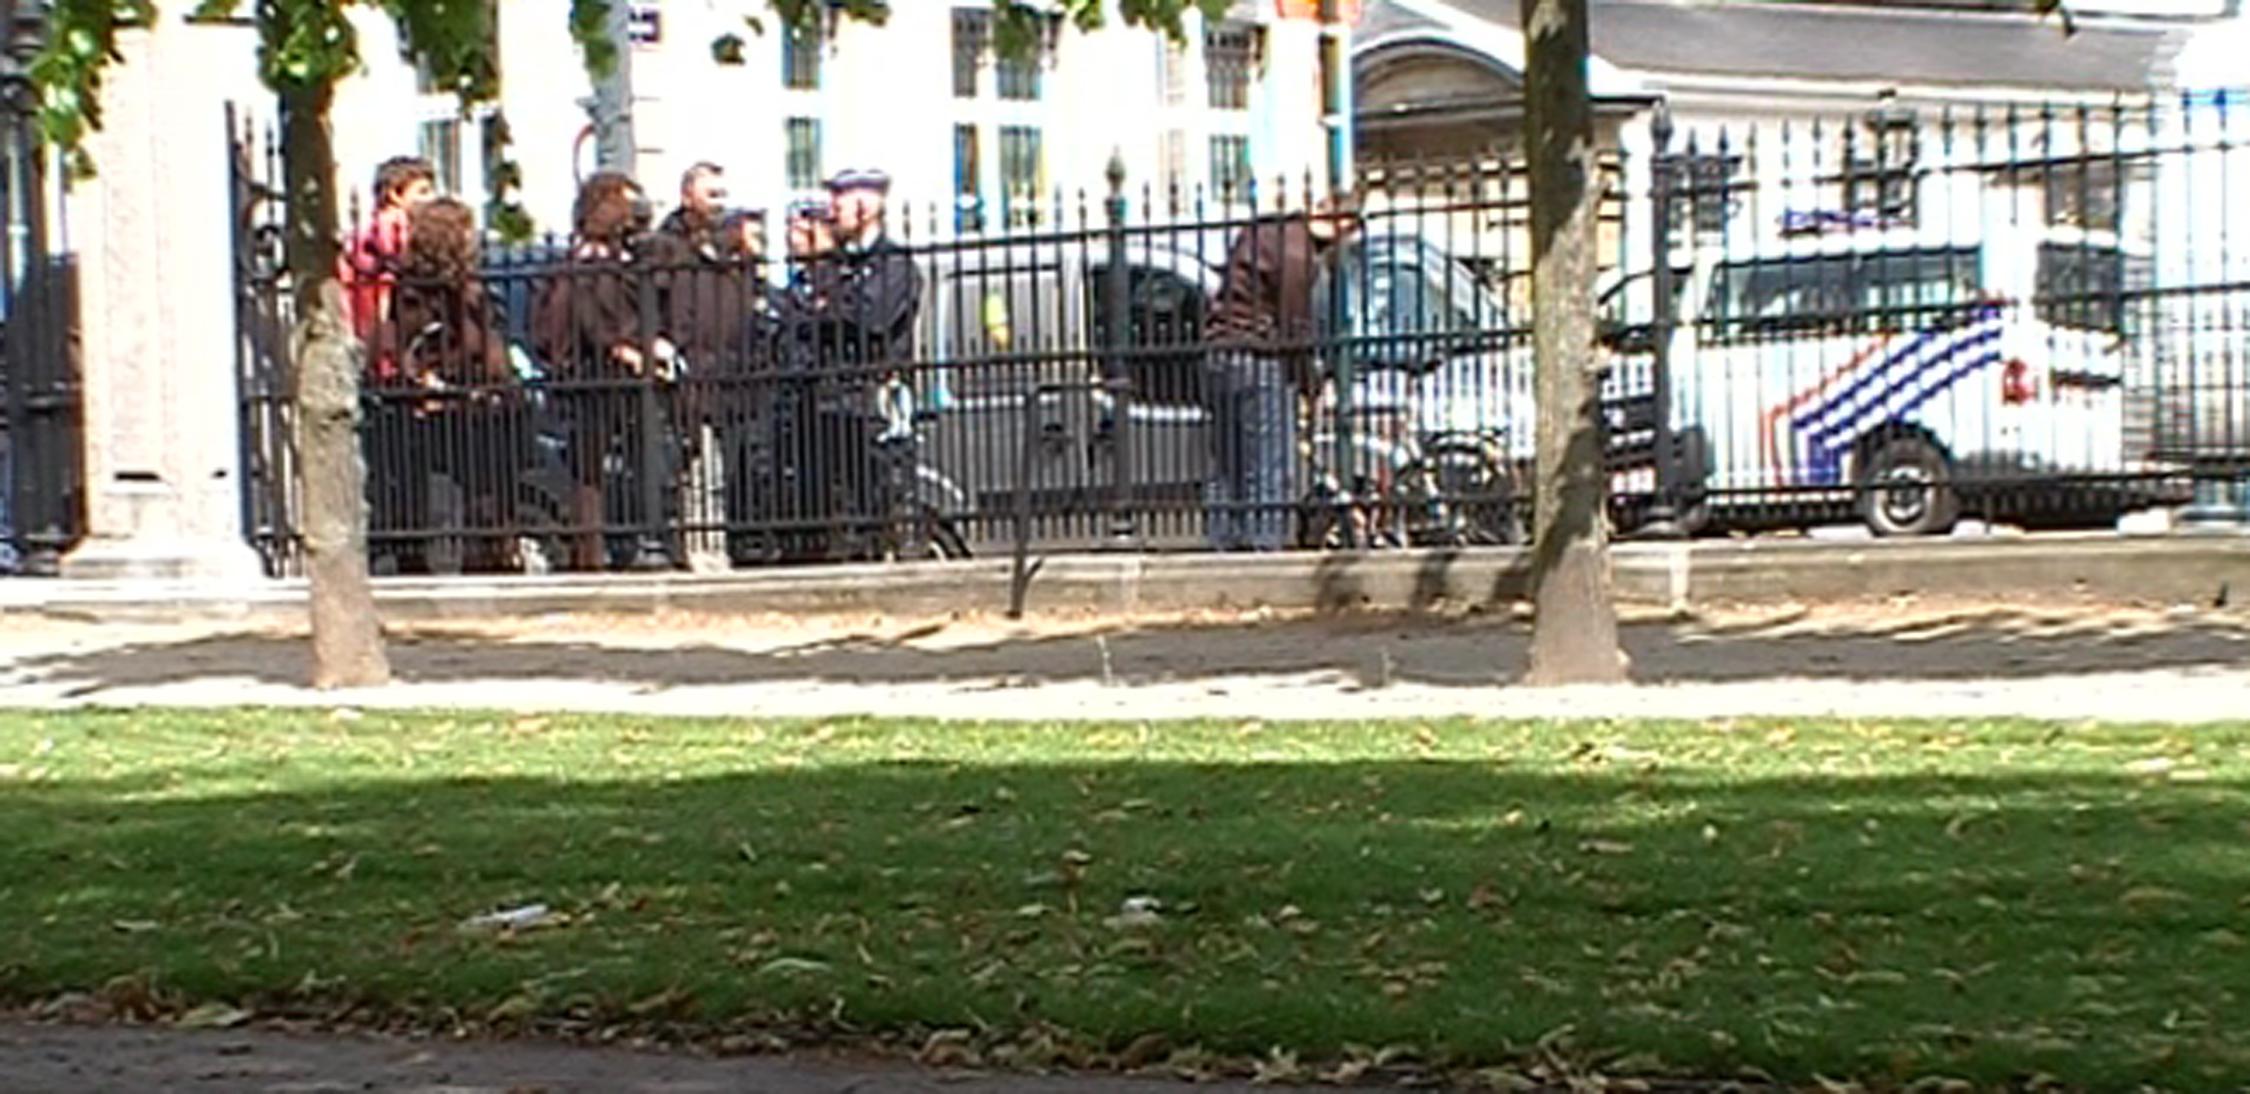 arrestation1.jpg